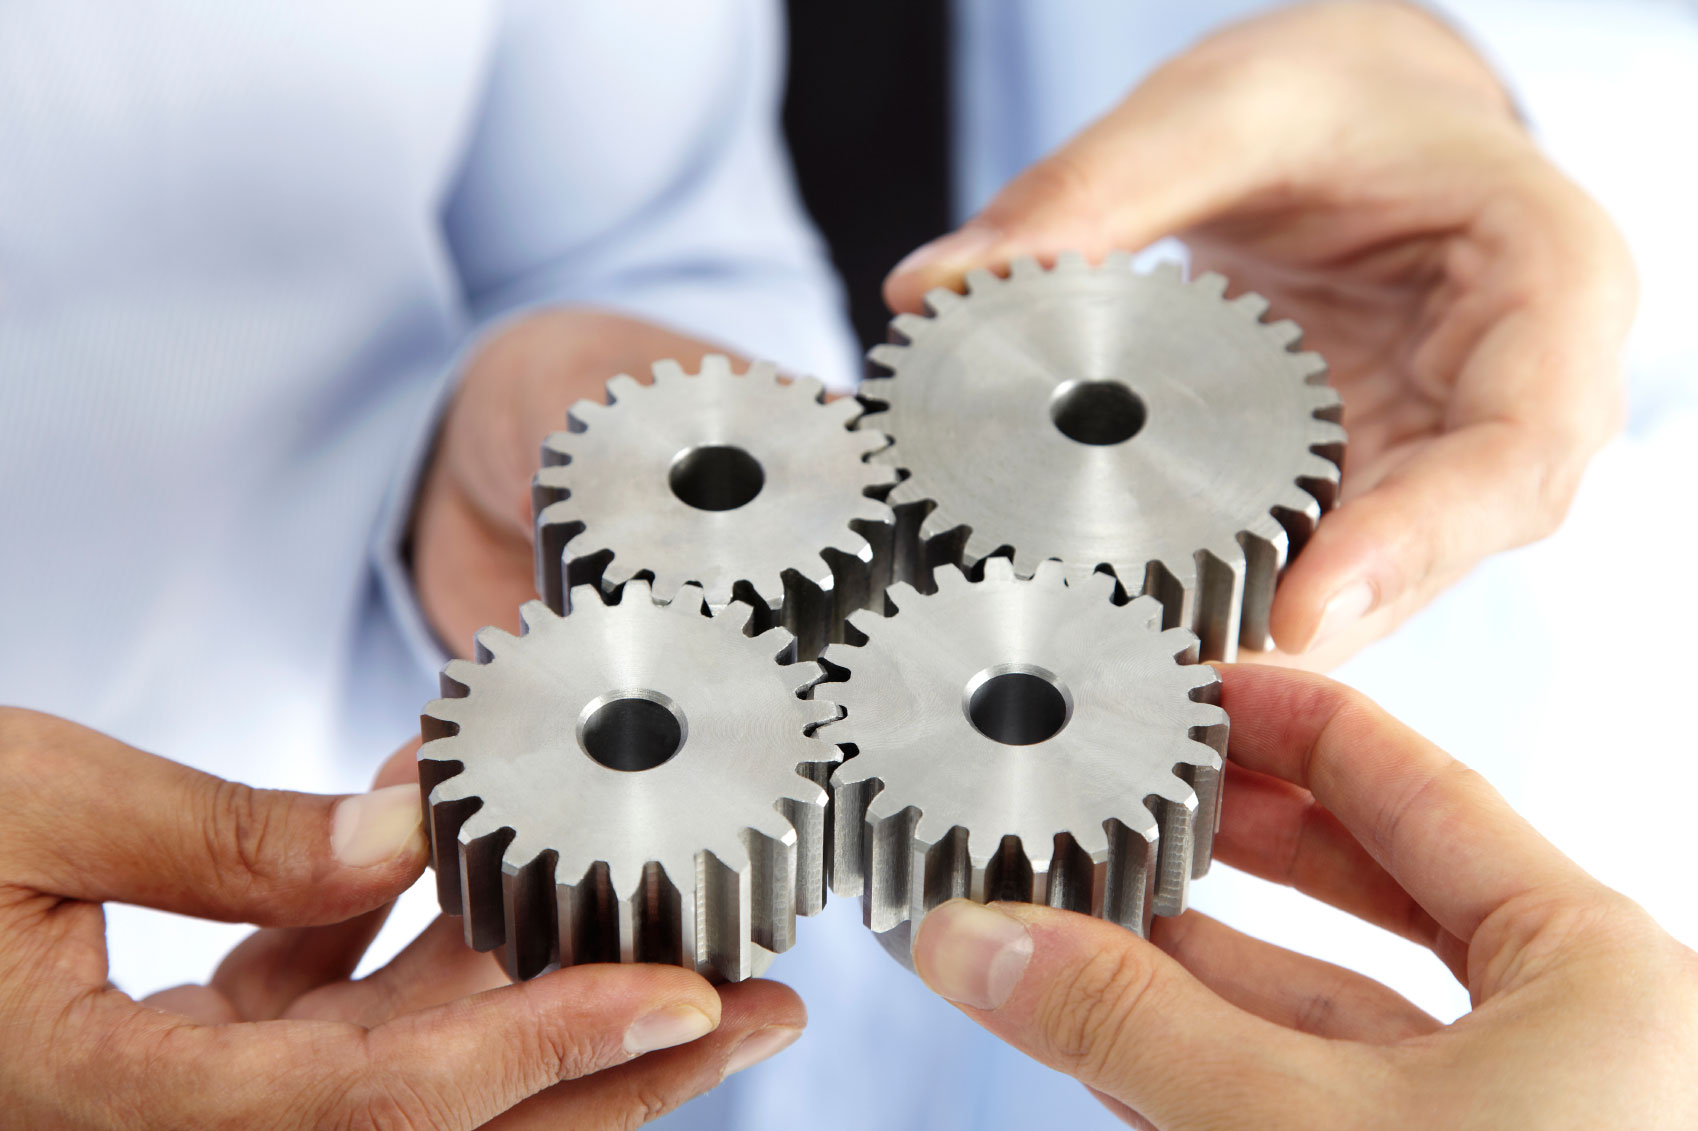 Анонс № 1 (53) 2020 г. журнала «Management», Виктор Лучков, бизнес-процессы, система управления